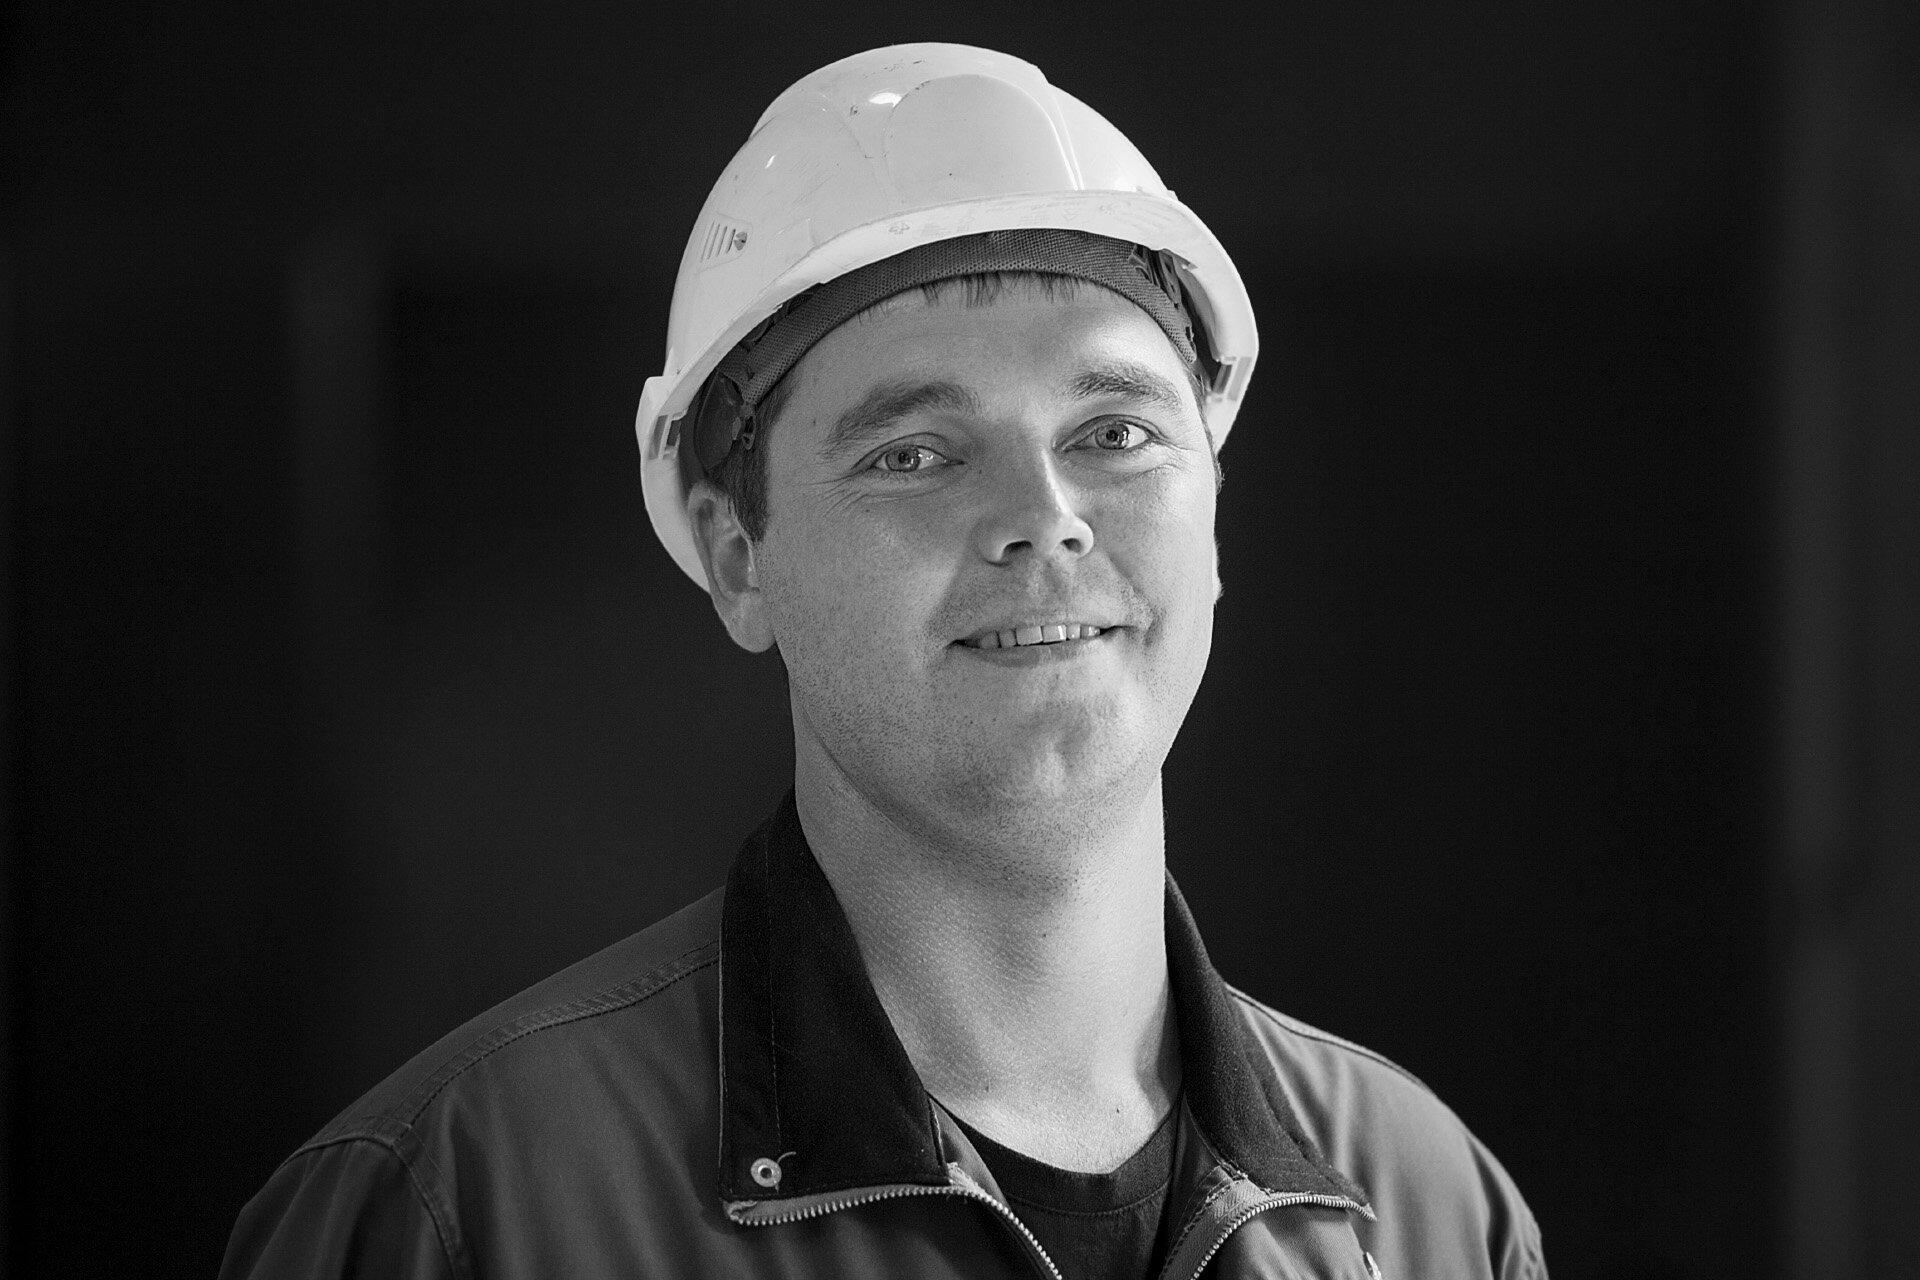 Марсель, 29 лет, начальник строительного участка